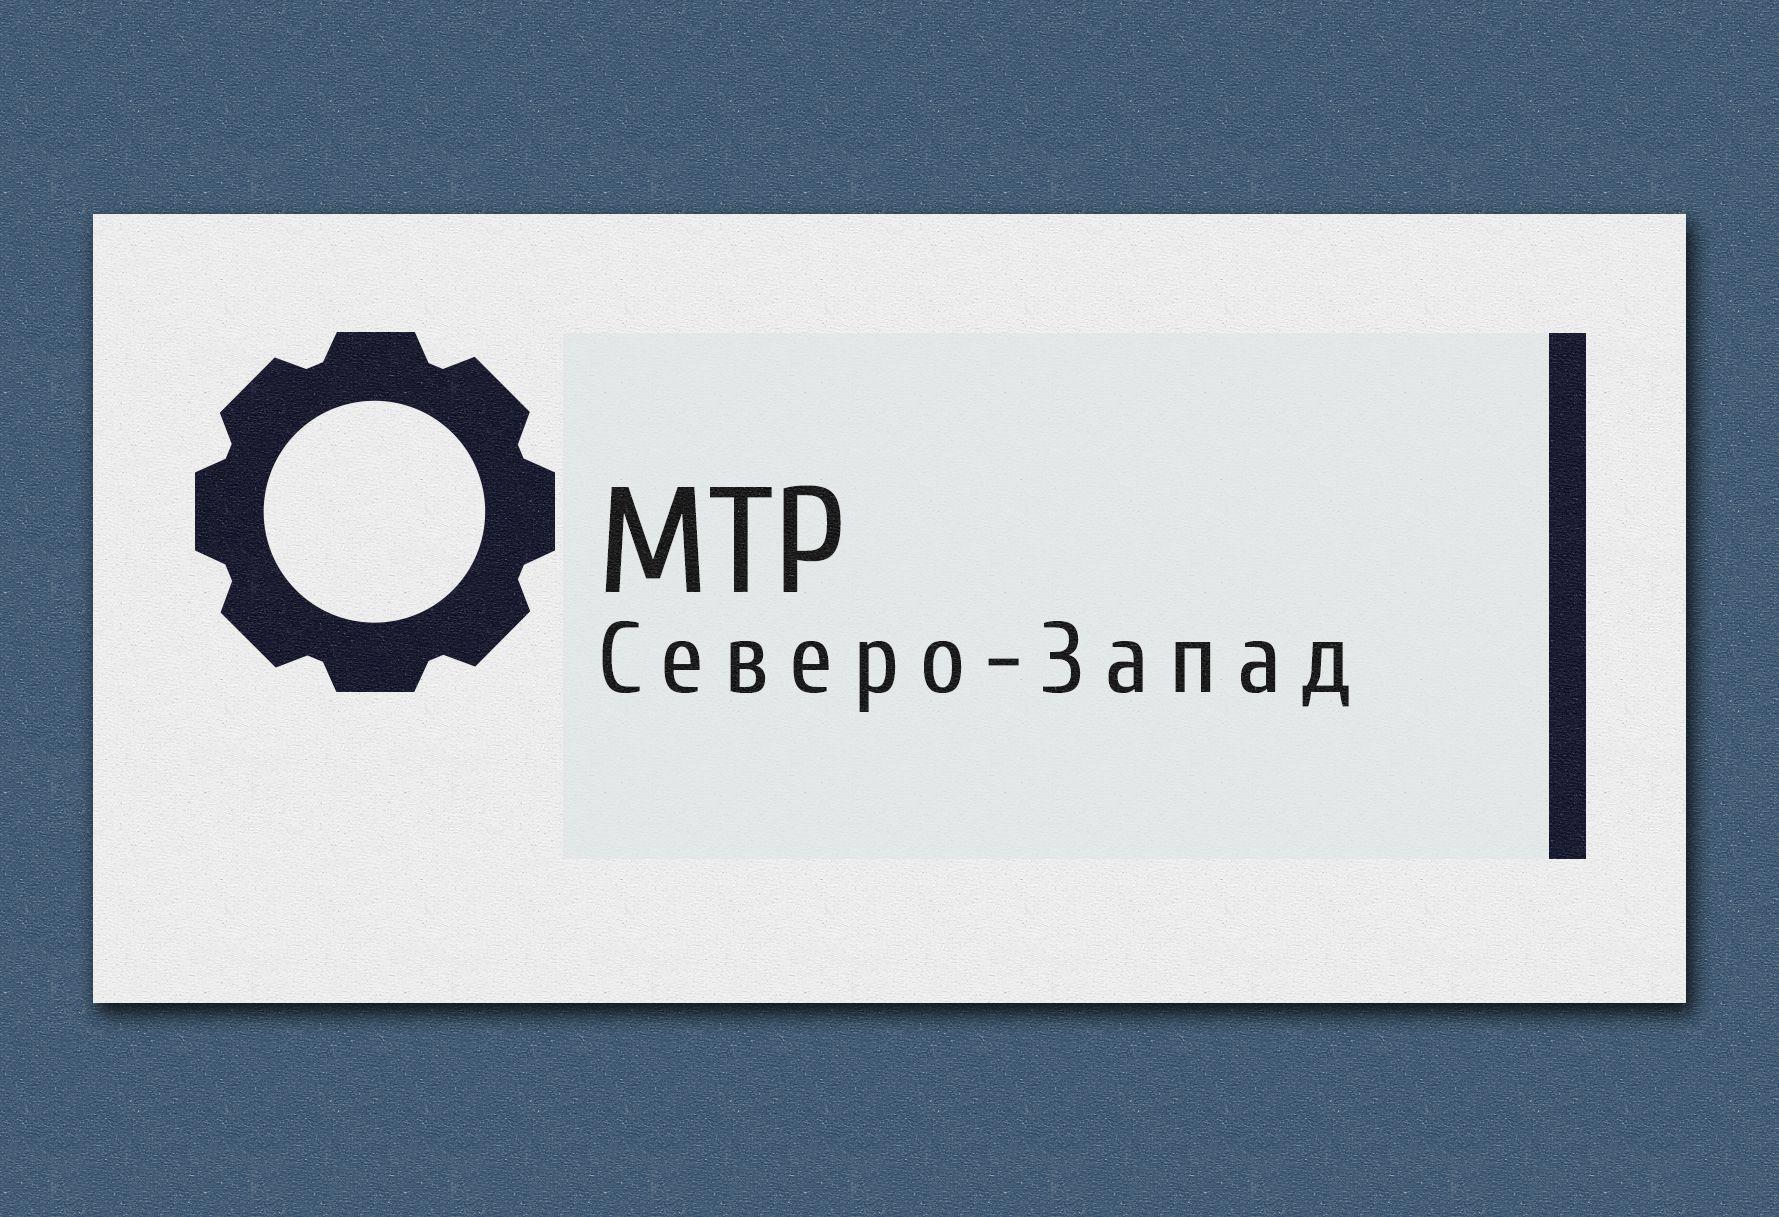 Редизайн лого (производство и продажа мототехники) - дизайнер lafkigafk